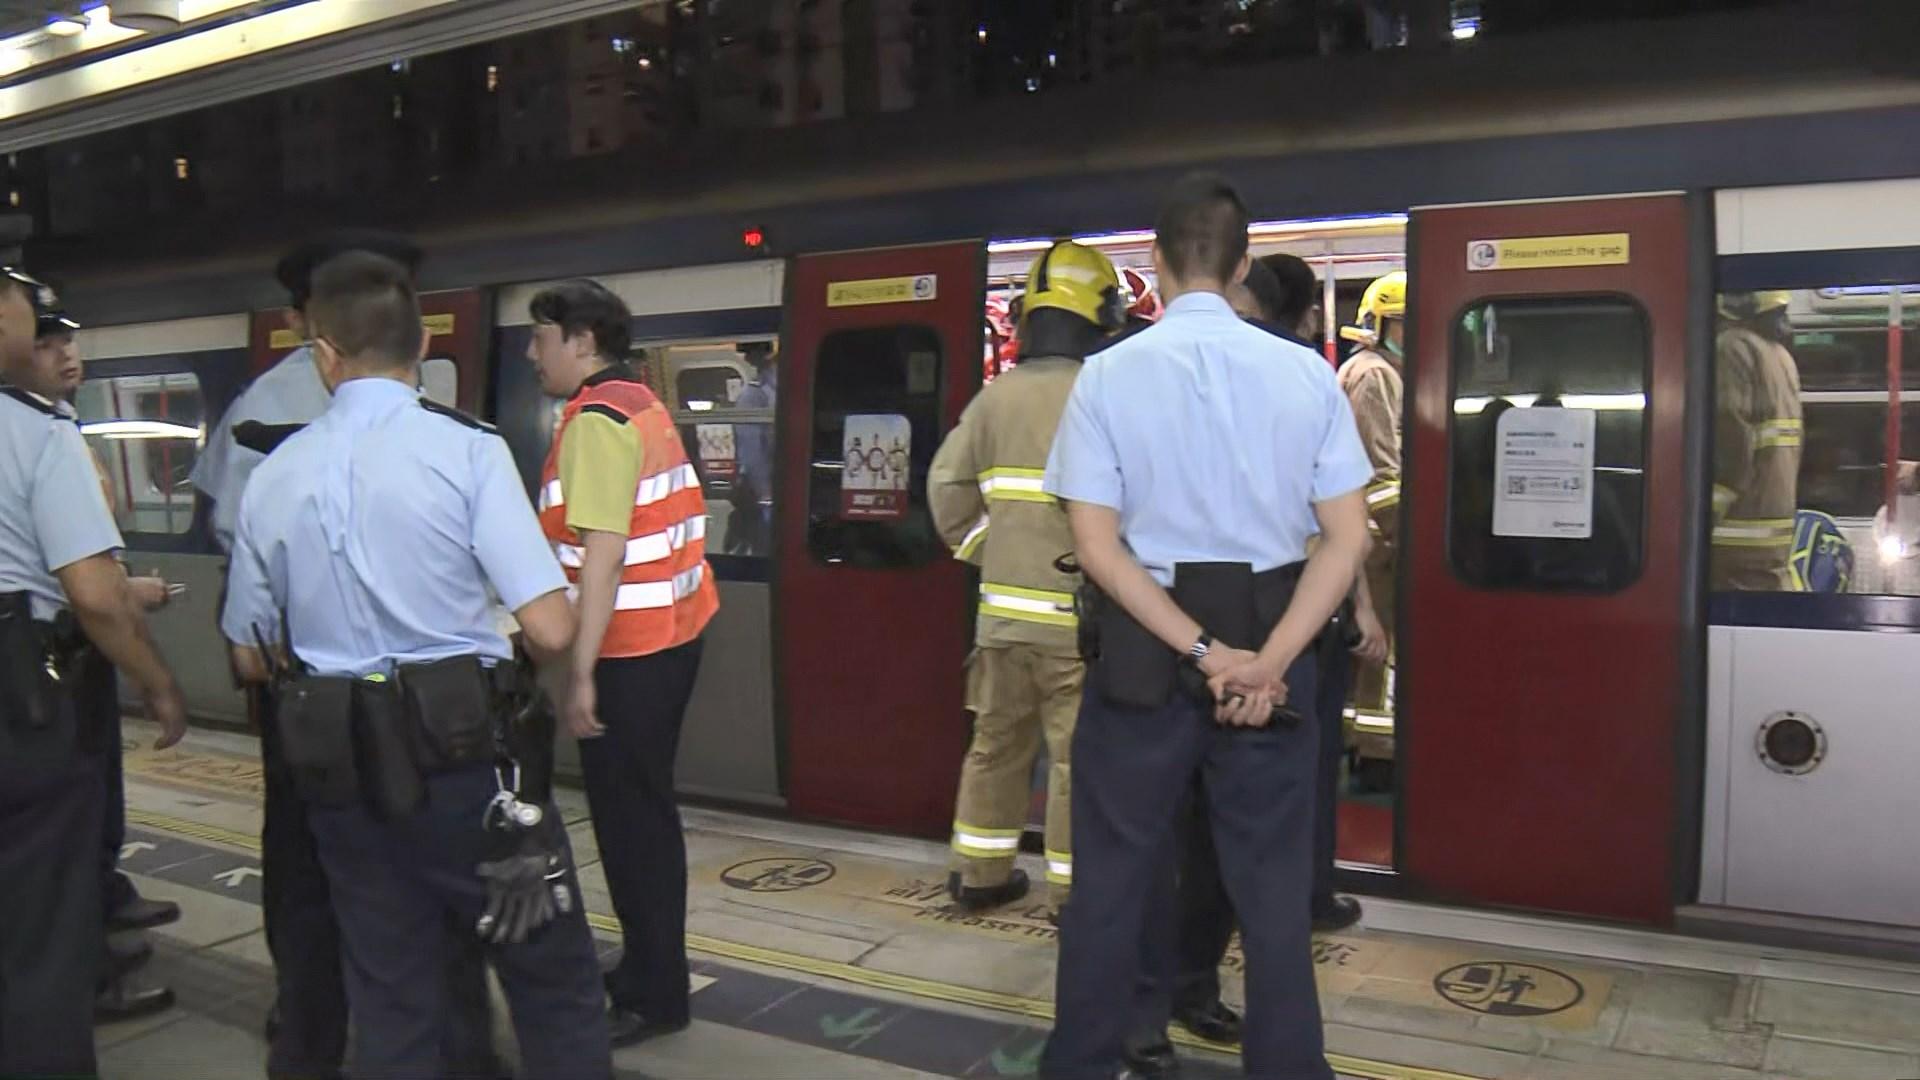 港鐵大圍站有人墮軌 列車服務受阻